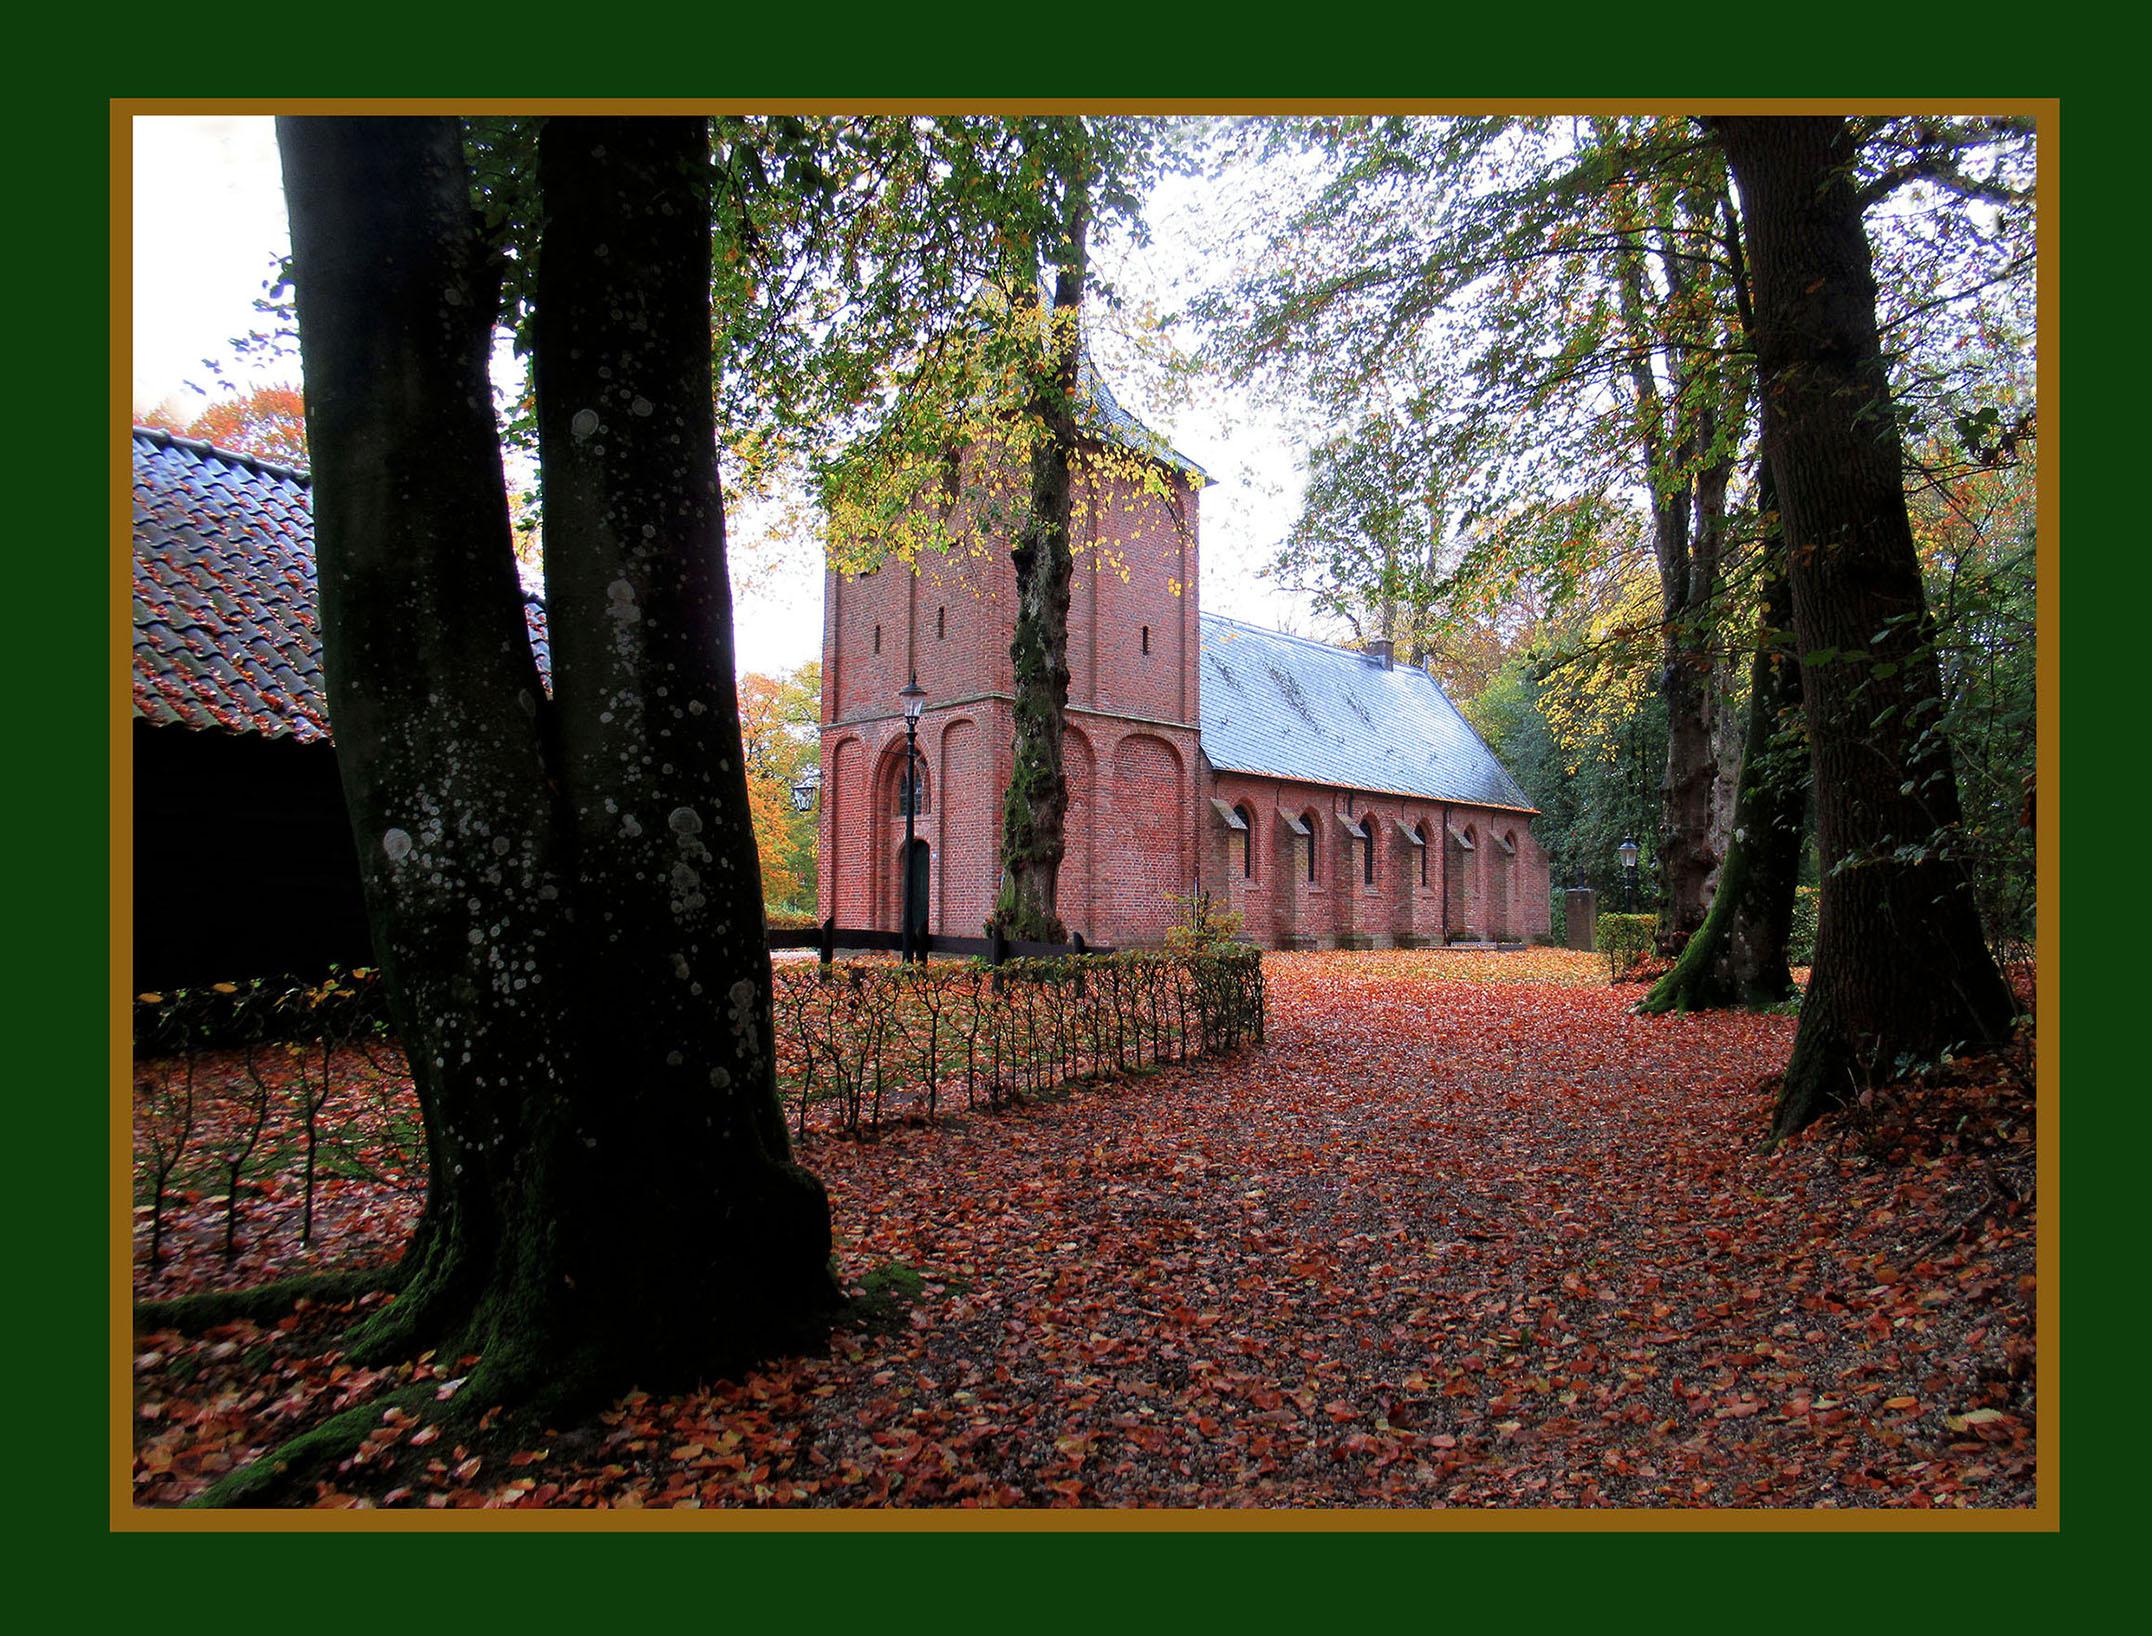 Verscholen tussen de bomen staat het eeuwenoude kerkje van Kootwijk - Foto: ©Louis Fraanje